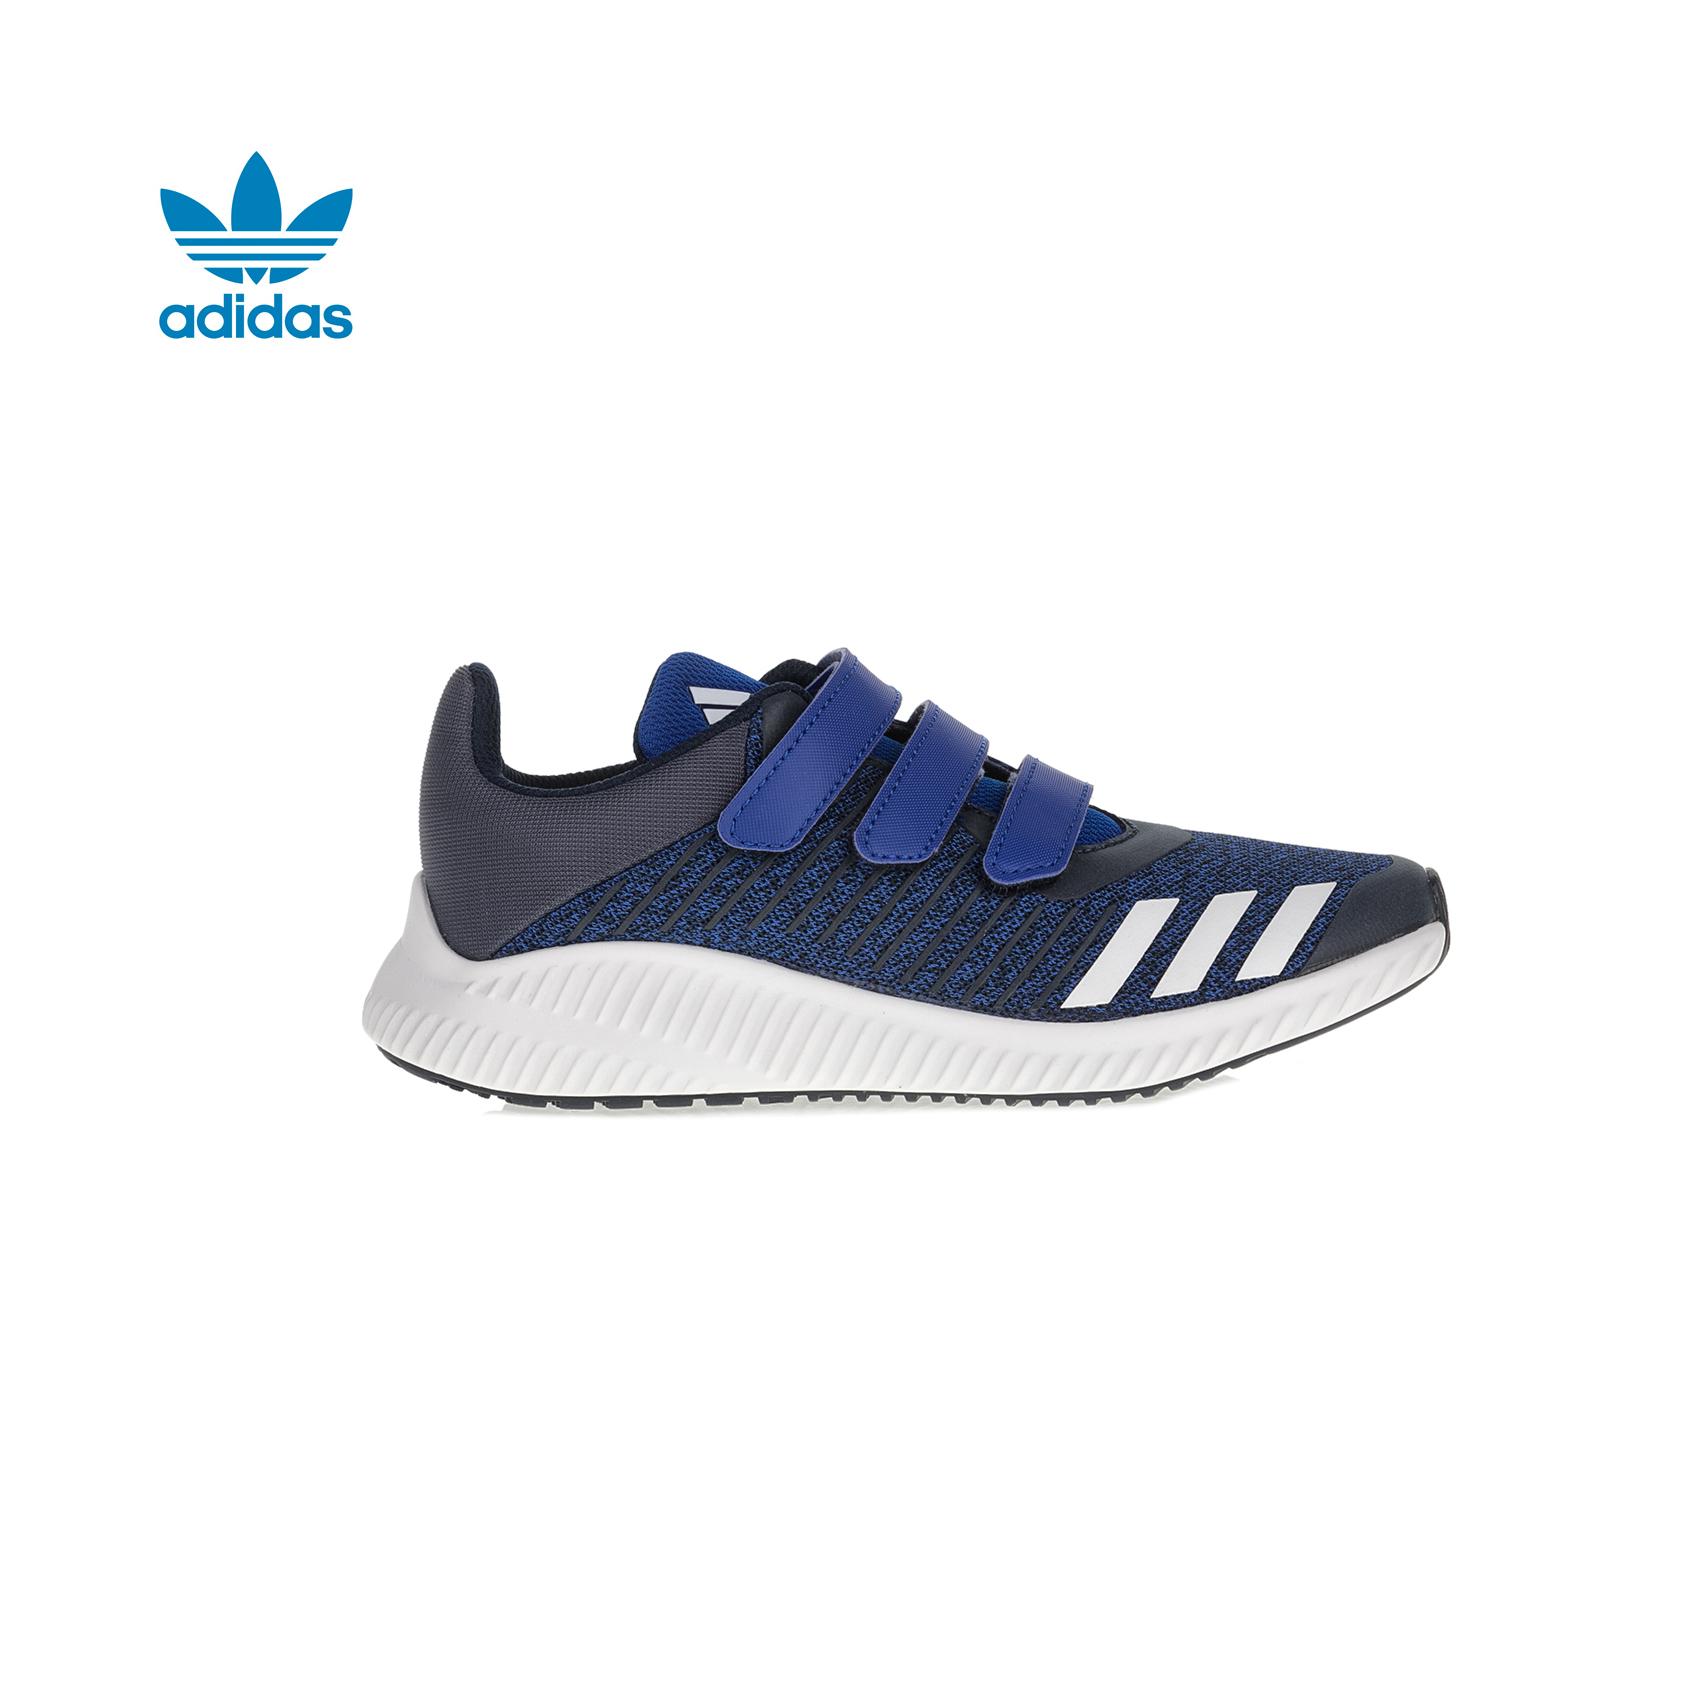 pretty nice 43eab edf7f adidas Originals - Παιδικά παπούτσια adidas FortaRun CF μπλε